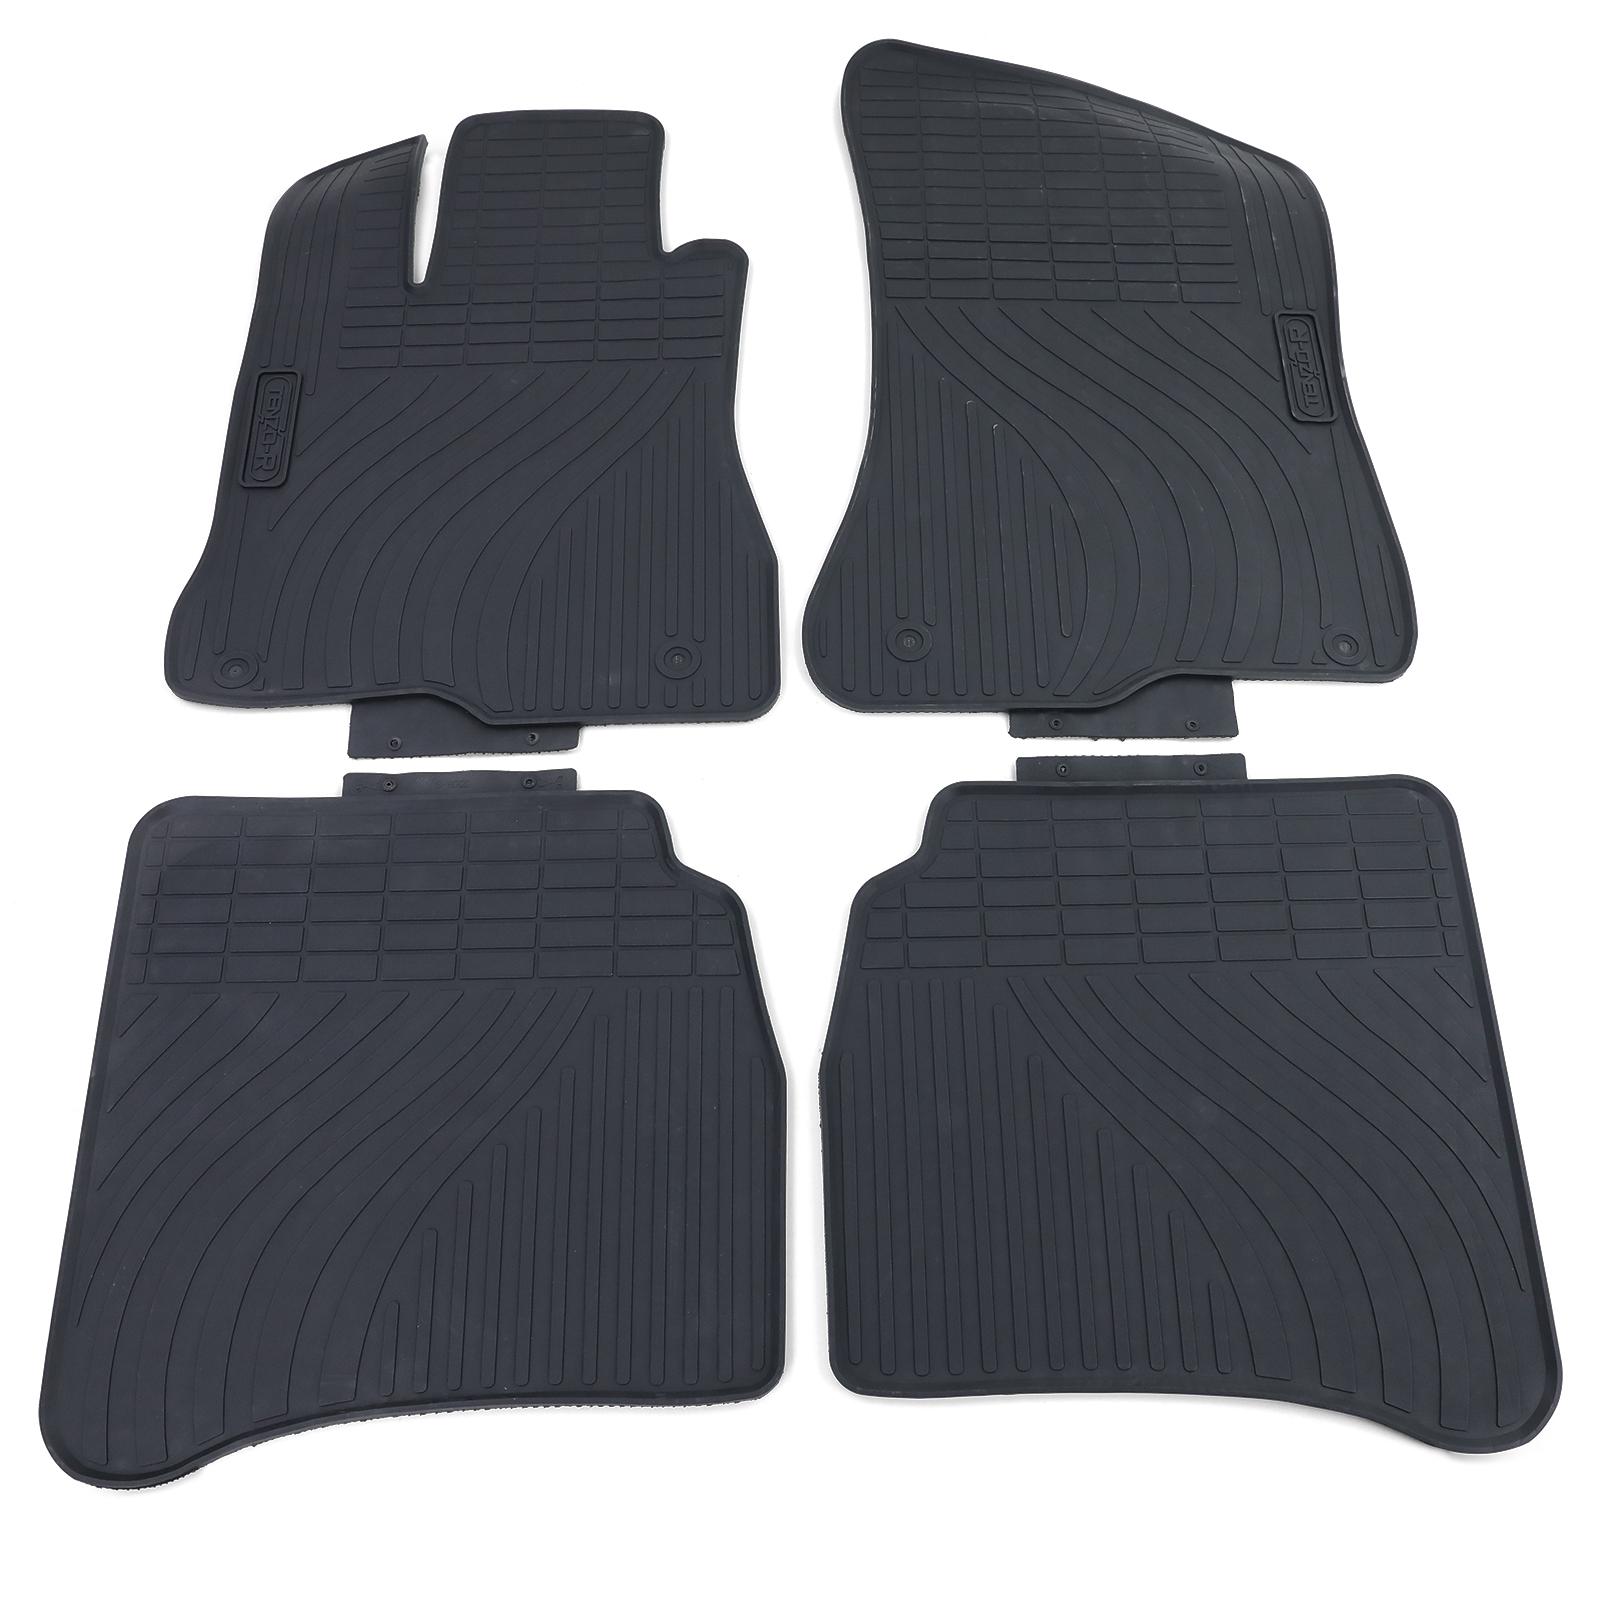 Fußmatten Auto Autoteppich passend für Mercedes S-Klasse W221 2005-2013